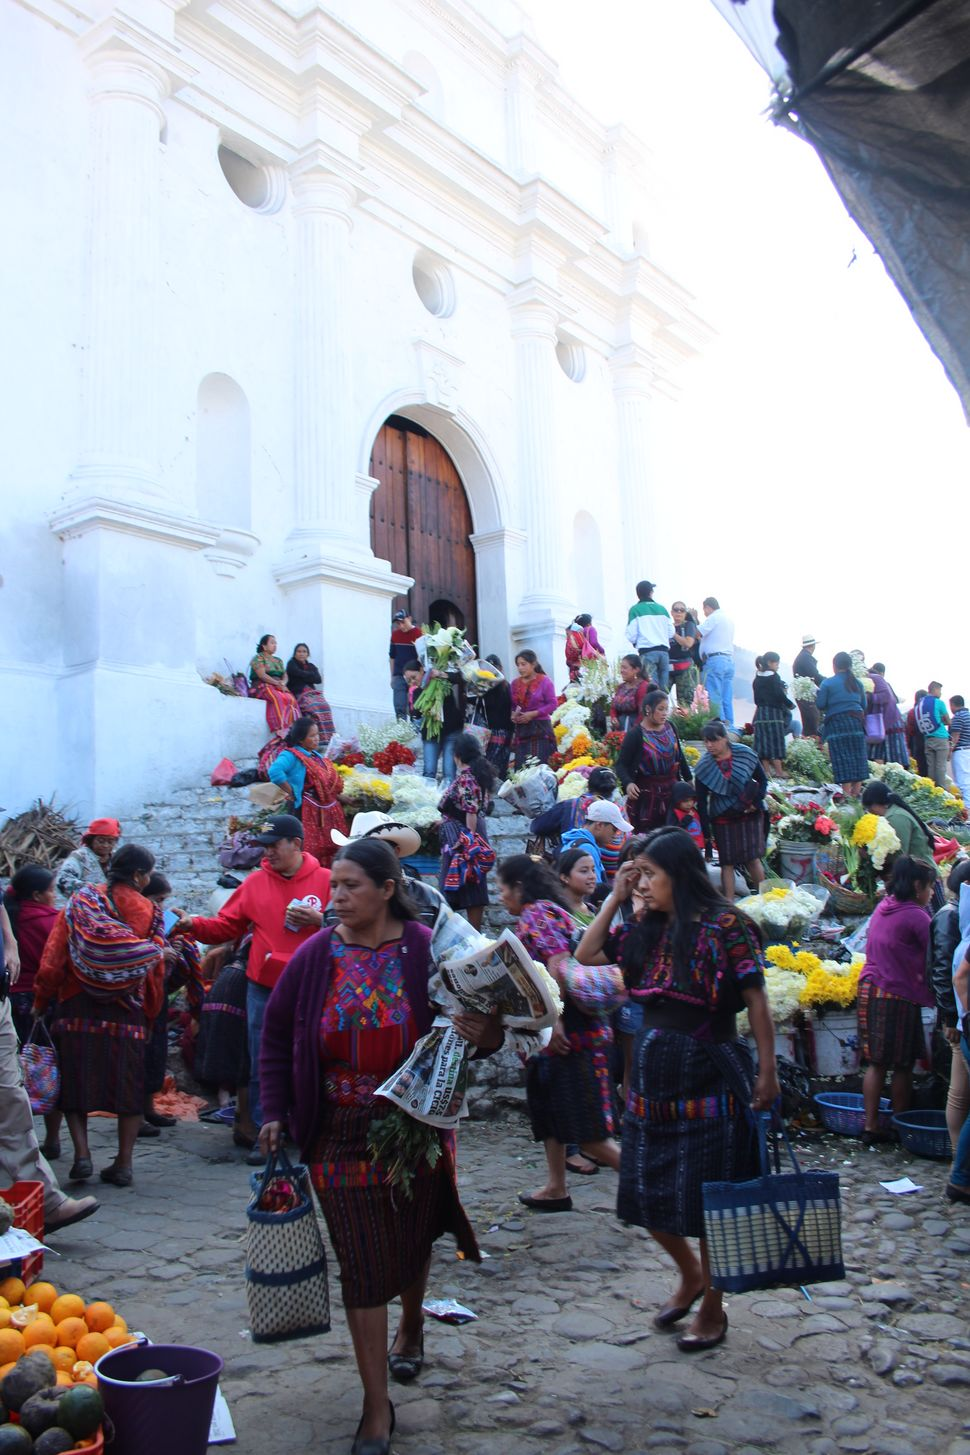 치치카스테낭고 산토 토마스 교회 앞.